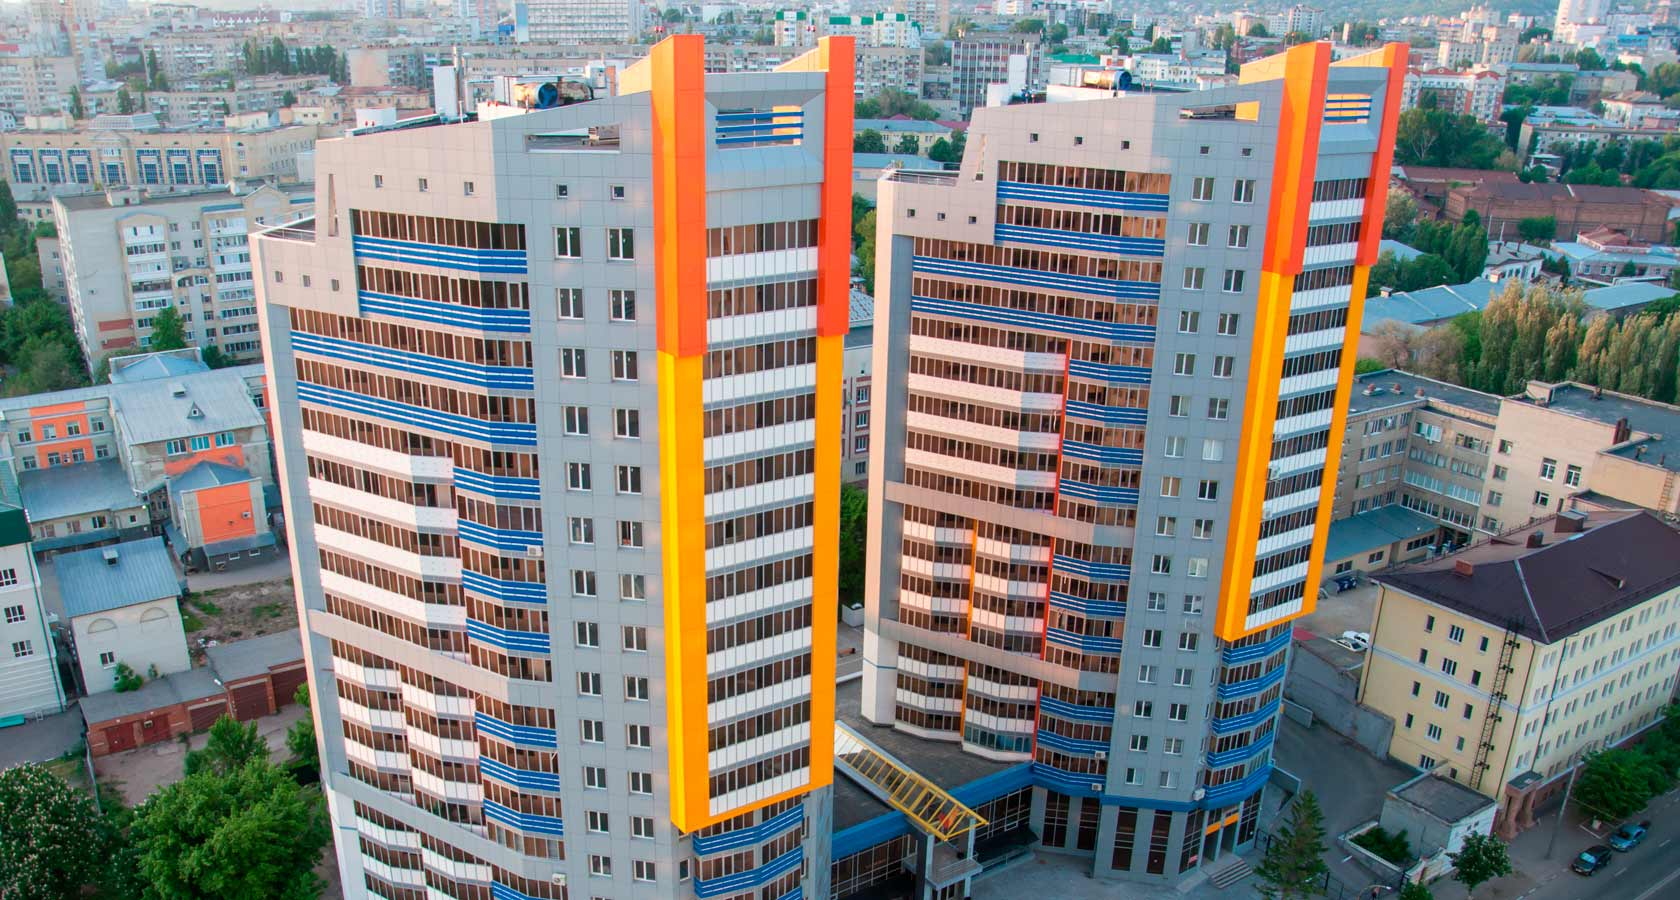 шаттерсток сайт недвижимости фото саратов всех, кто